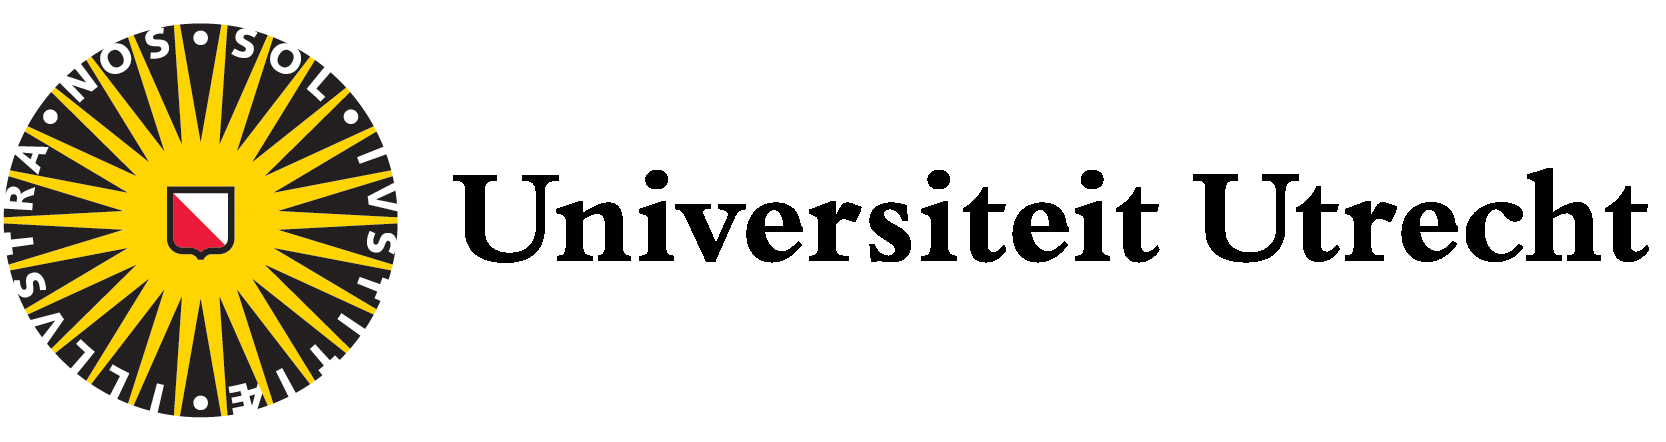 Universiteit van Utrecht logo